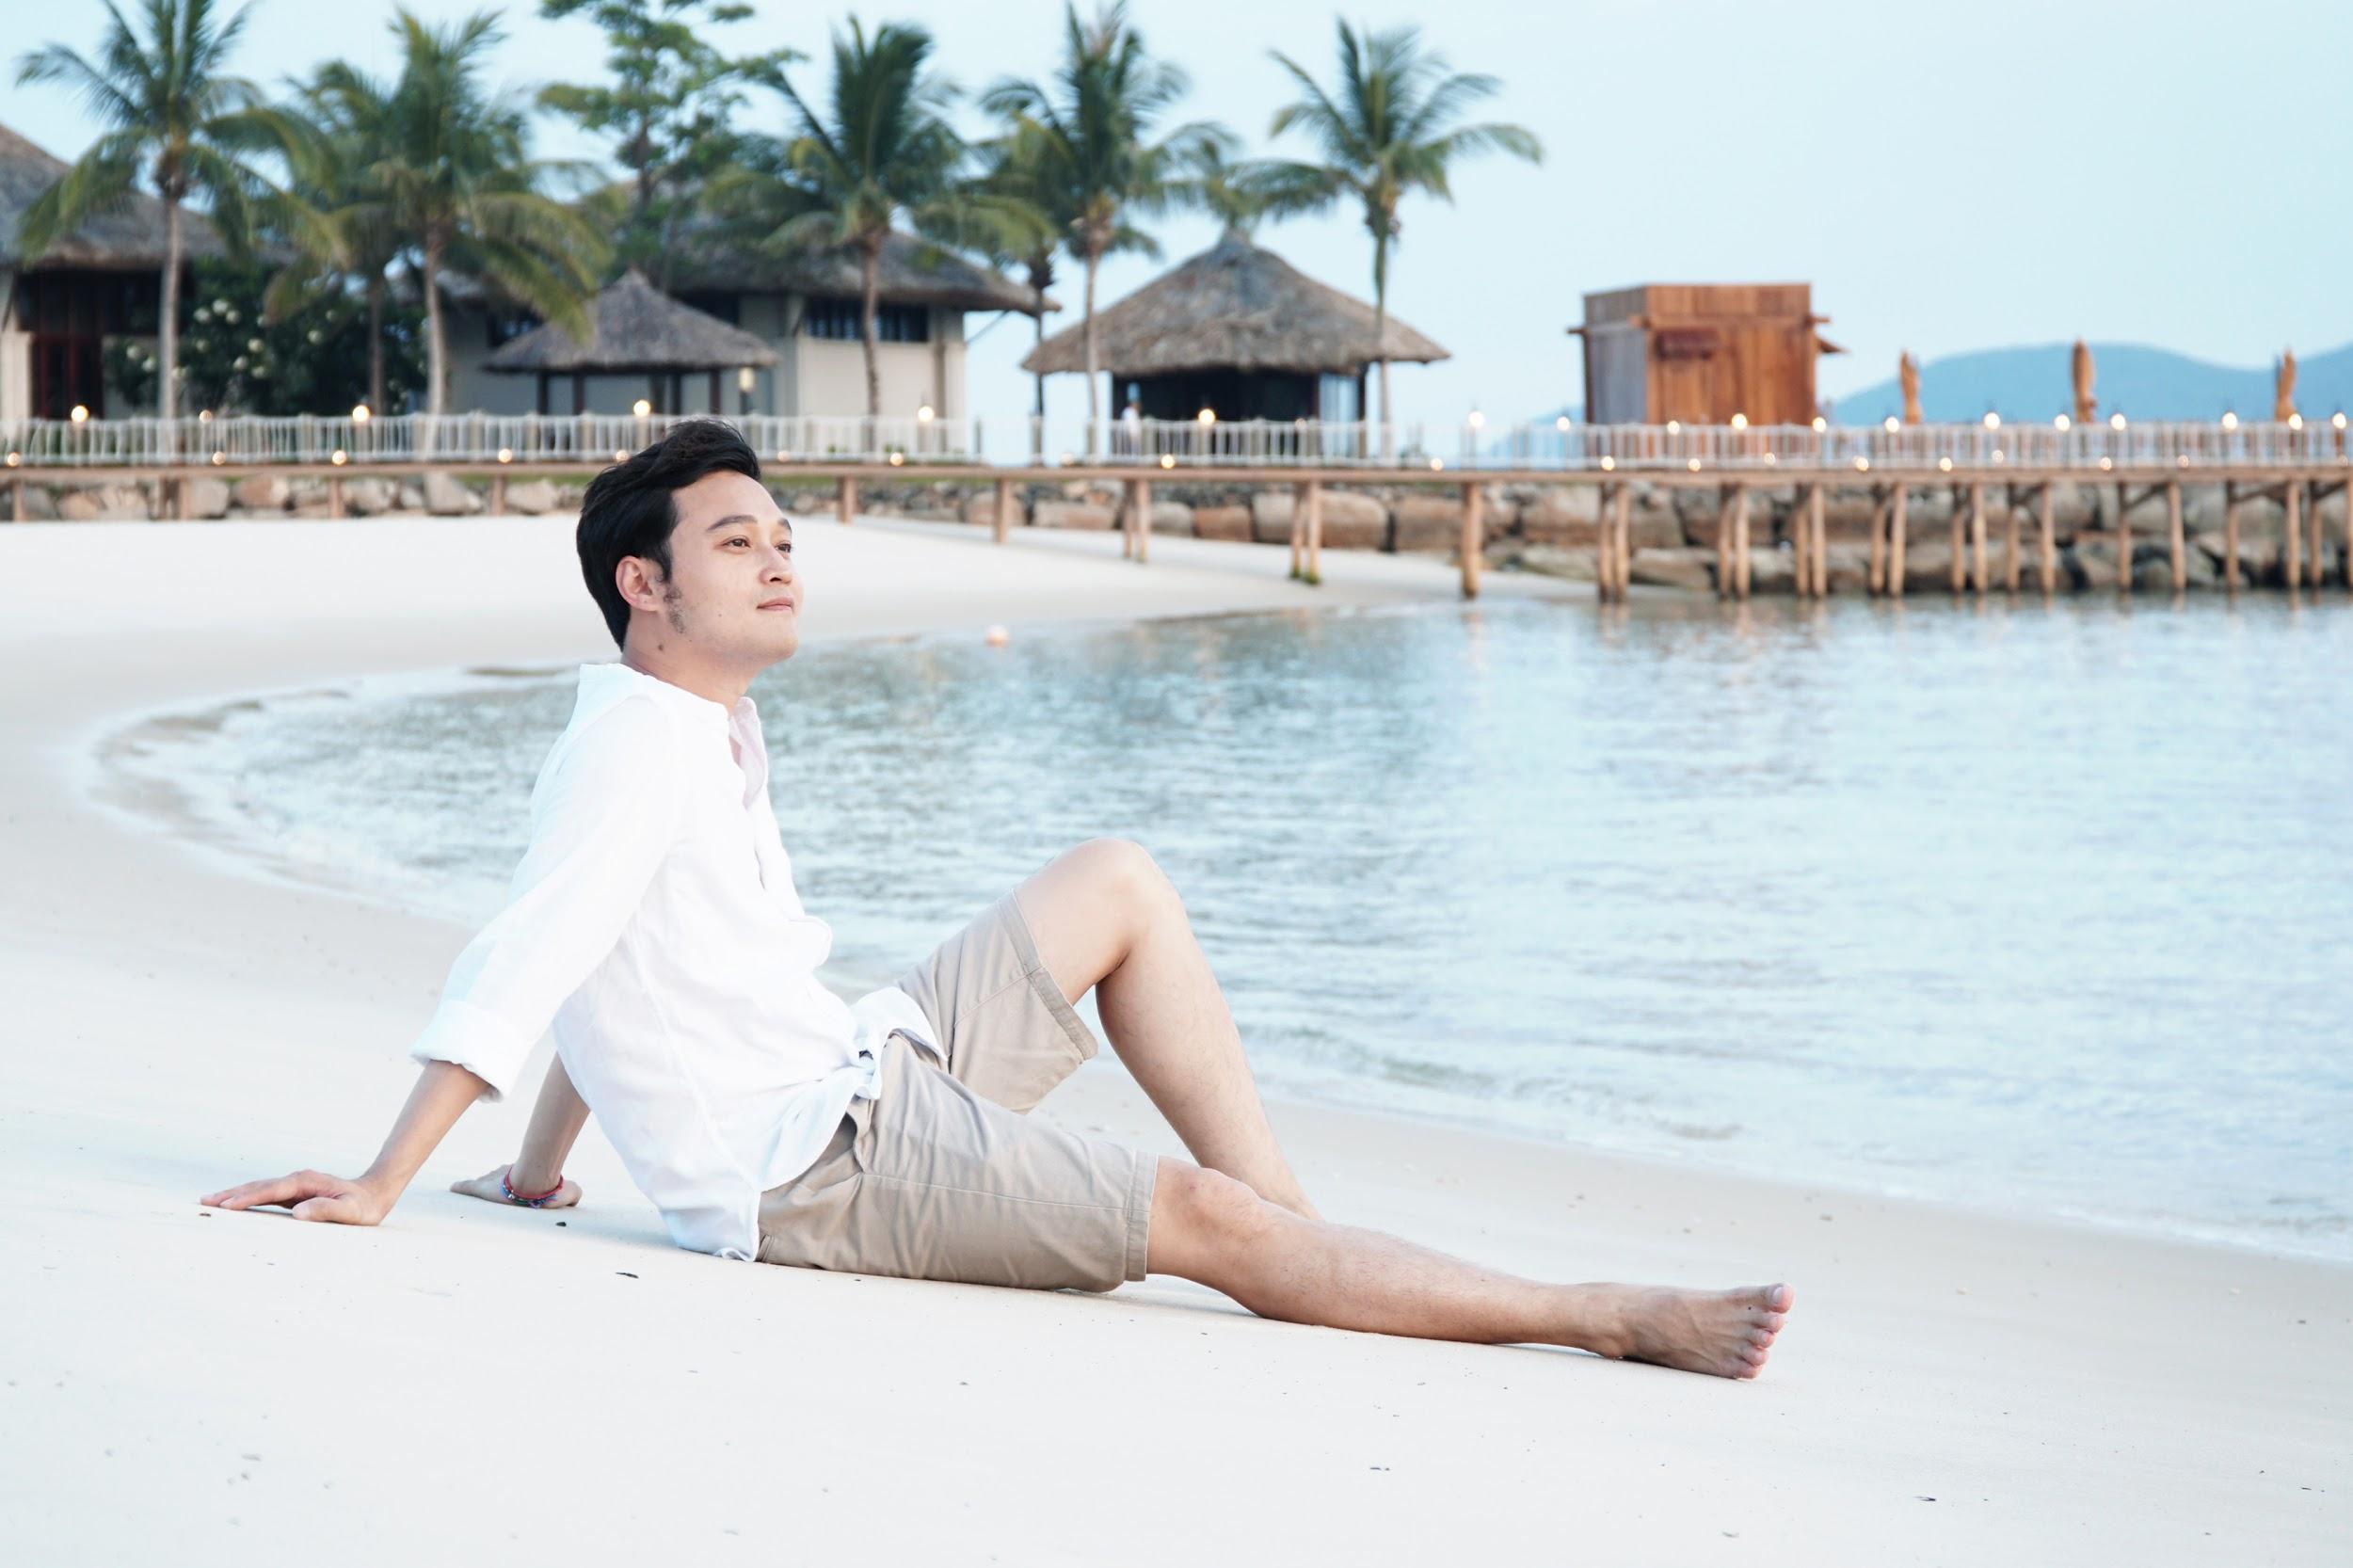 Xem review mới trên Quang Vinh Passport, chỉ muốn đi Nha Trang ngay cho kịp hè! - Ảnh 3.